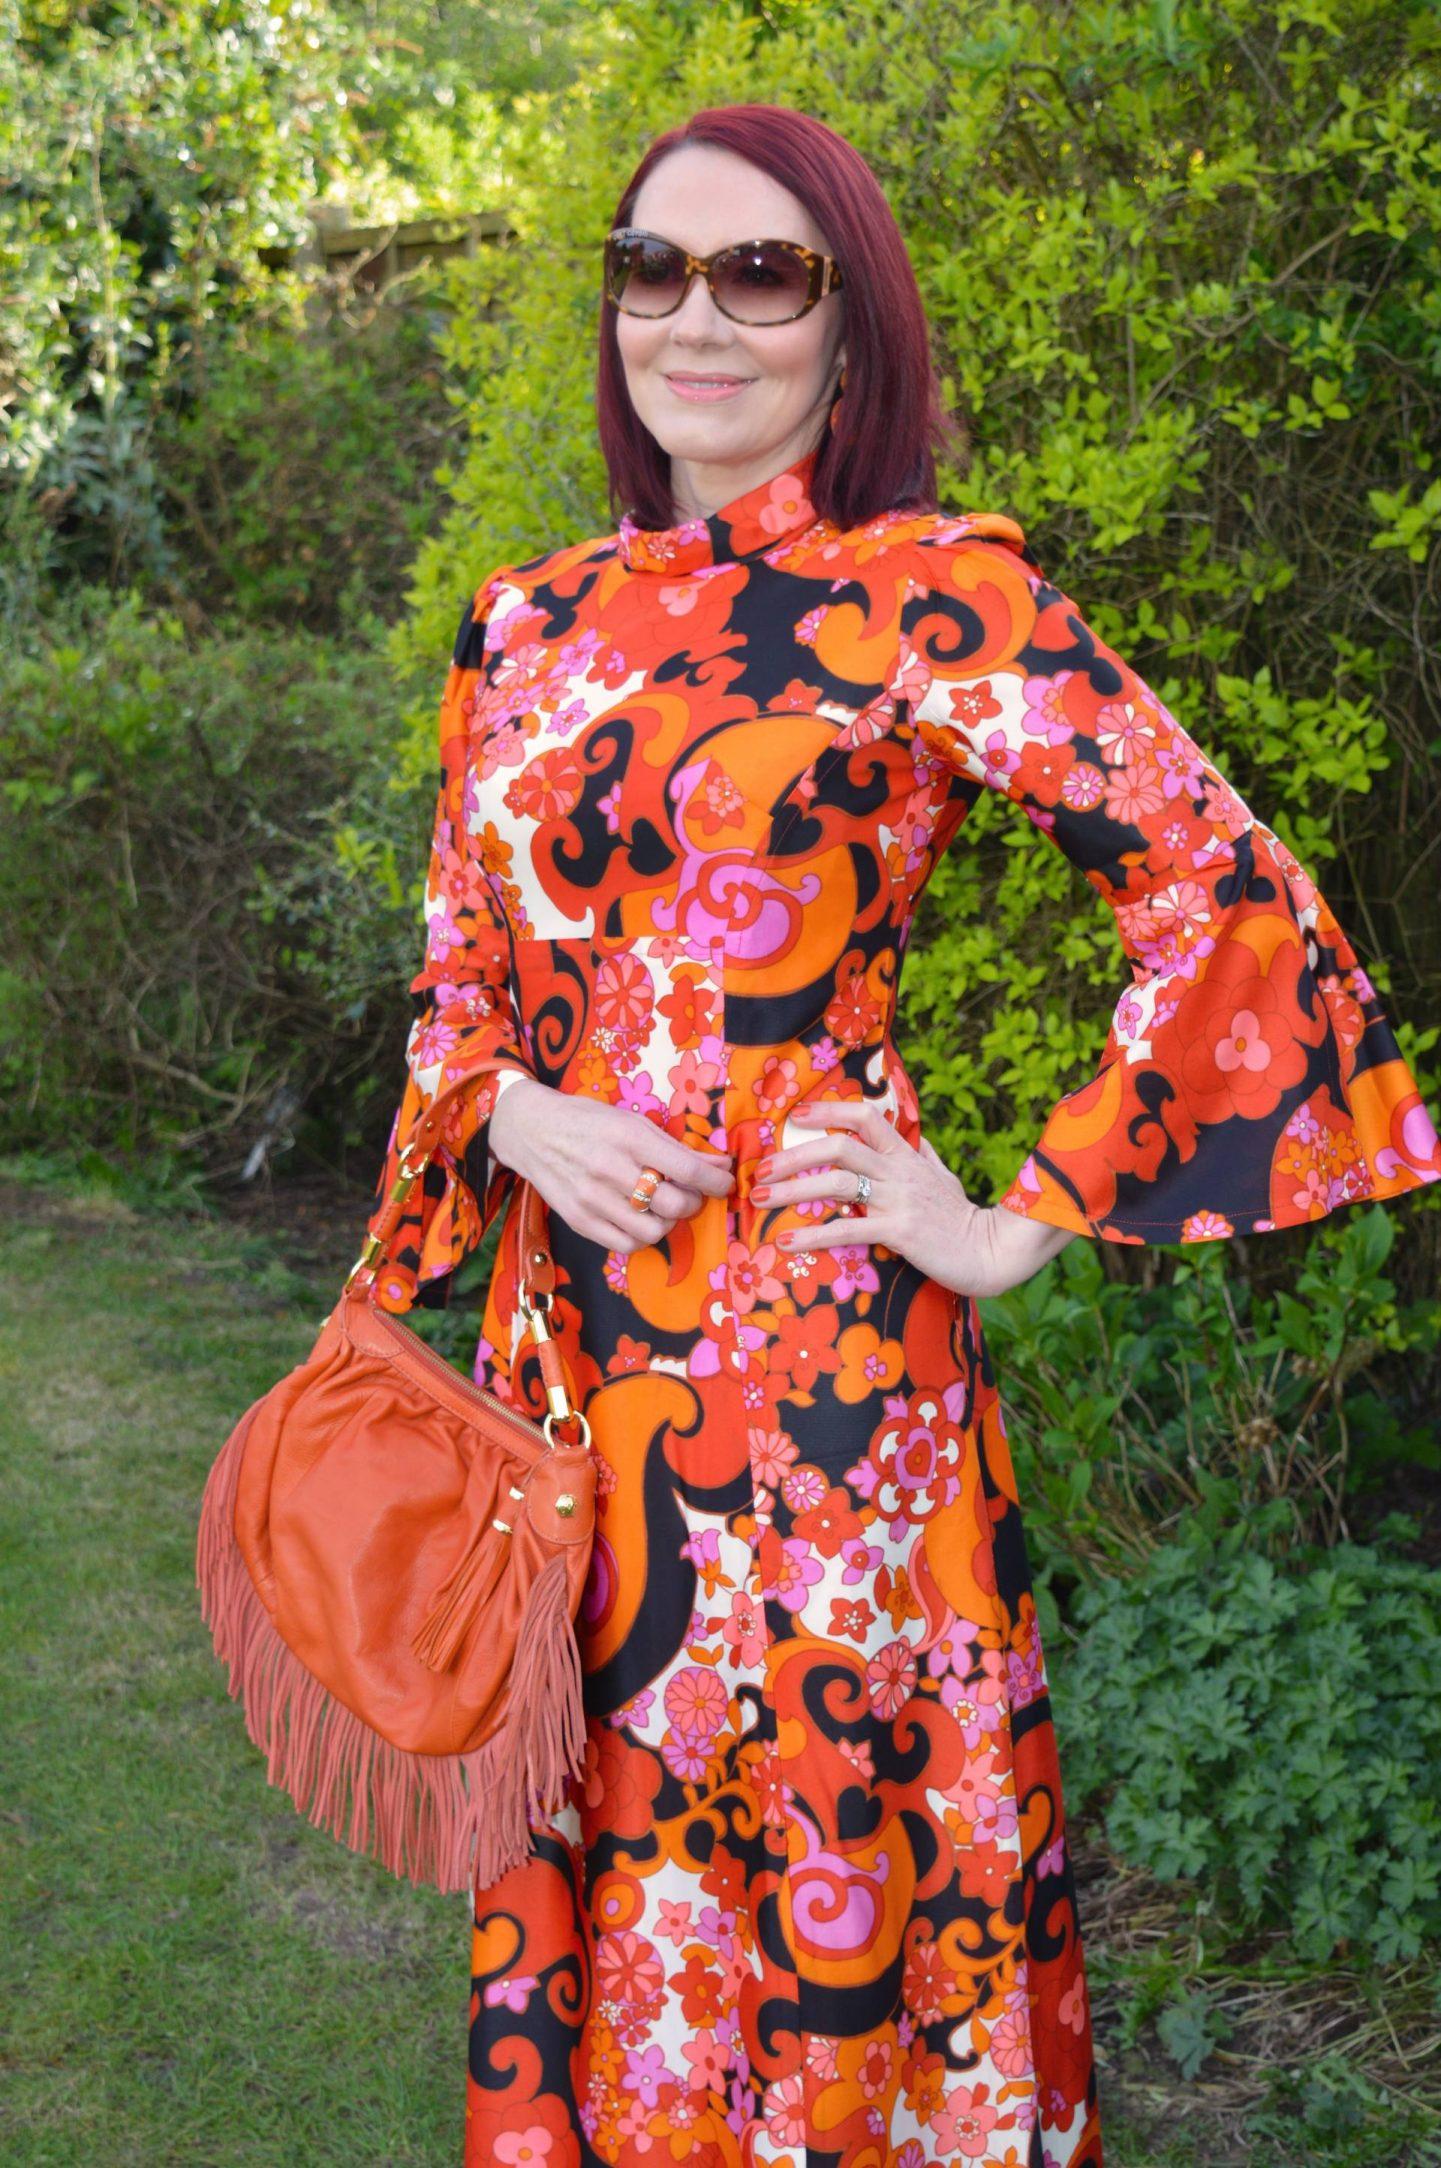 Modalu orange fringed bag